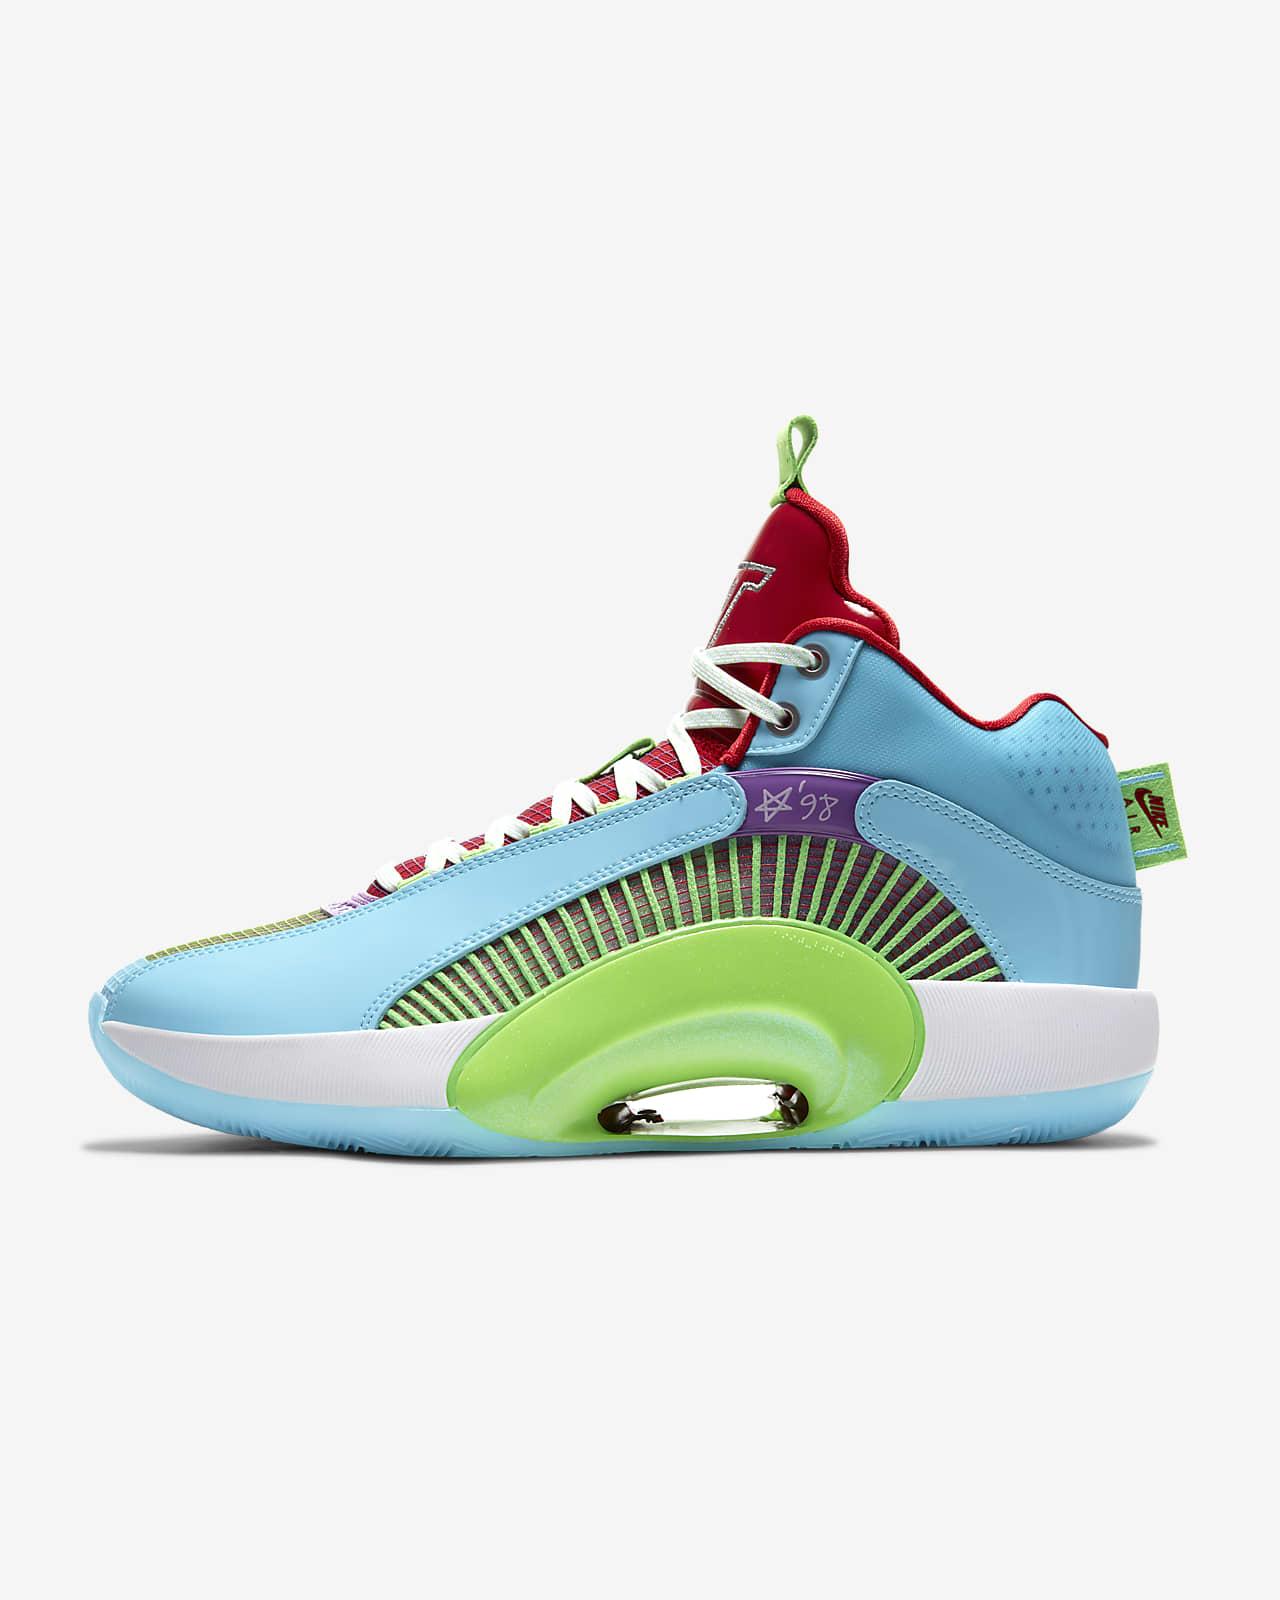 Air Jordan XXXV WIP PF 男子篮球鞋